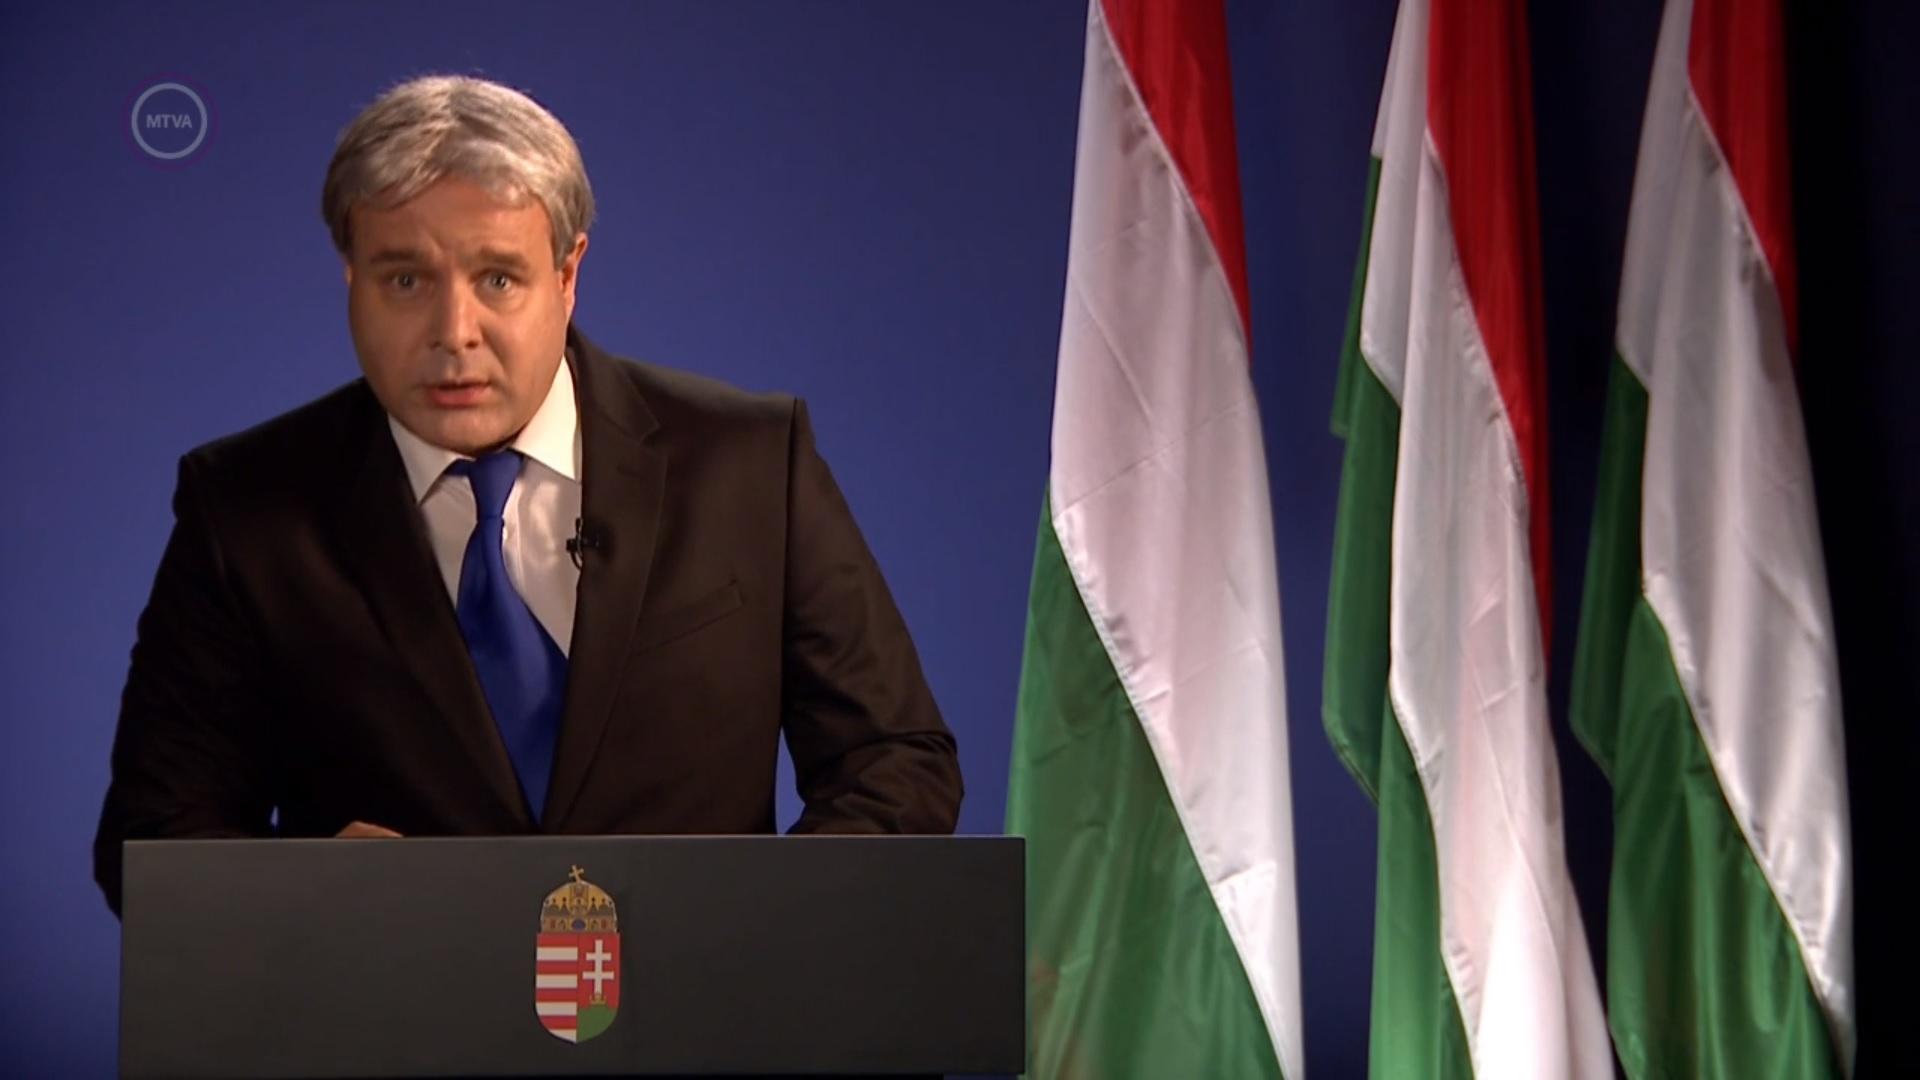 Fideszes humorrekord: Bagi Iván szilveszteri Orbán-paródiája már sokkal visszafogottabb az igazi Orbánnál